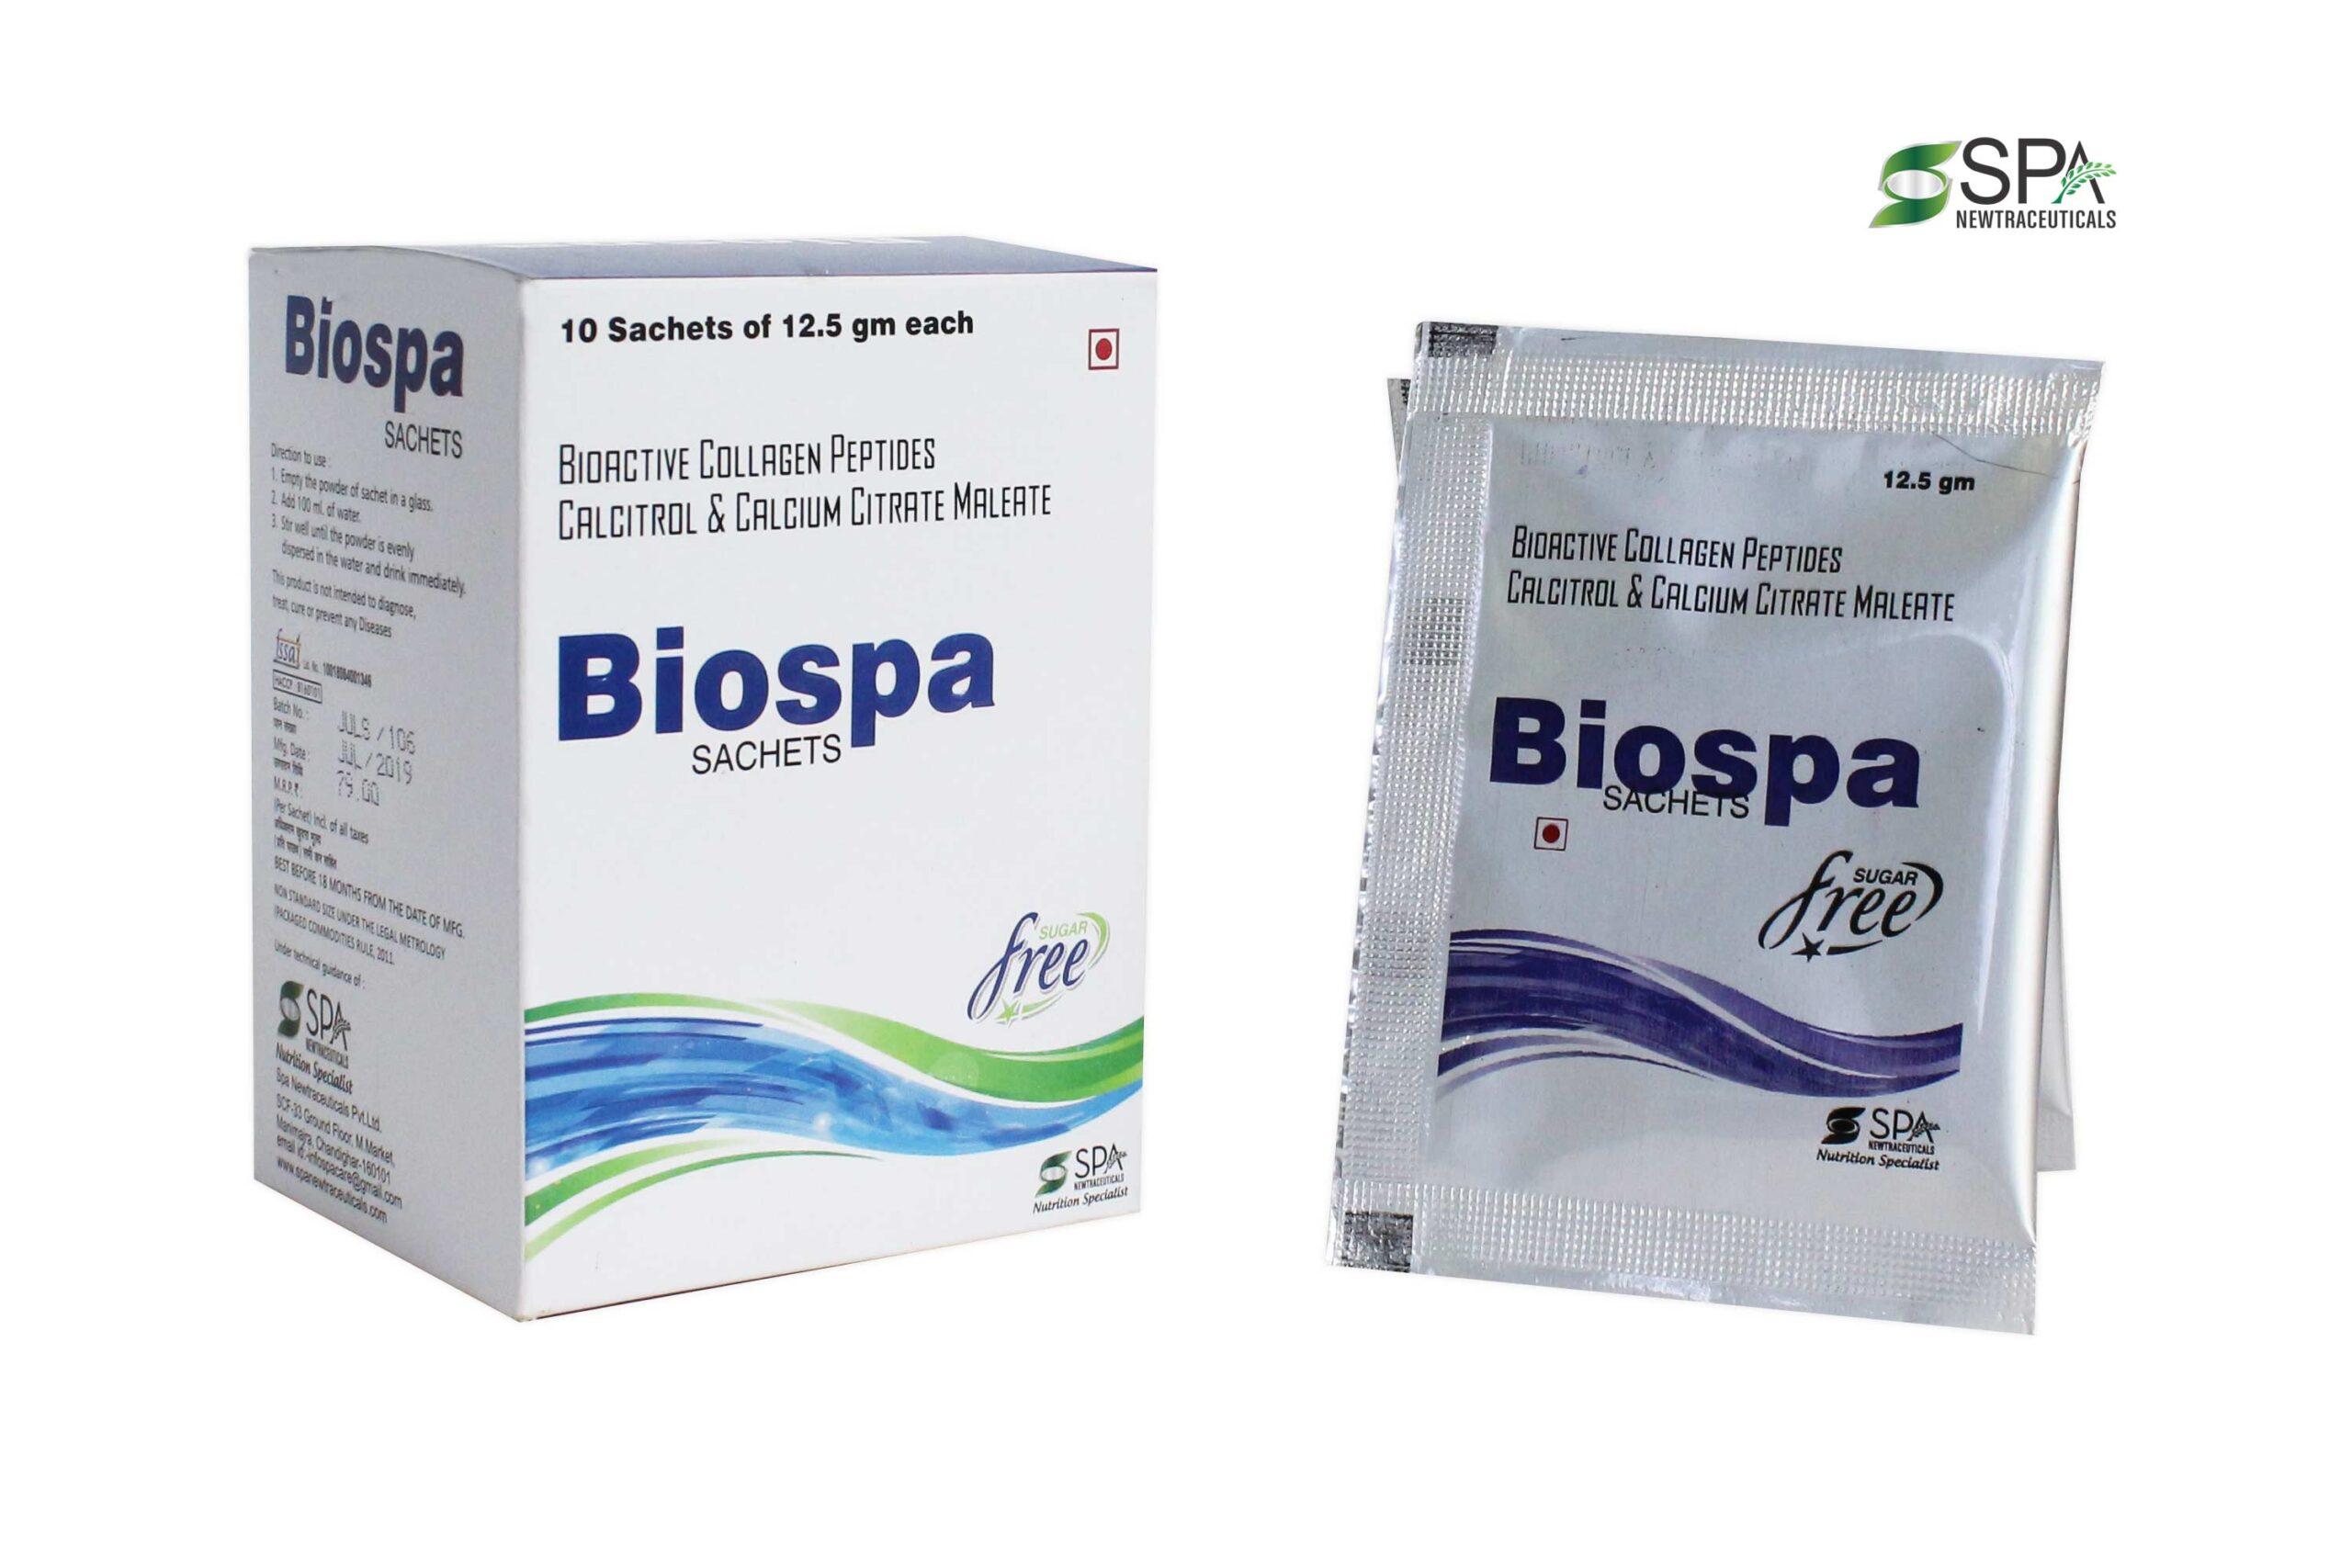 Biospa-sachets